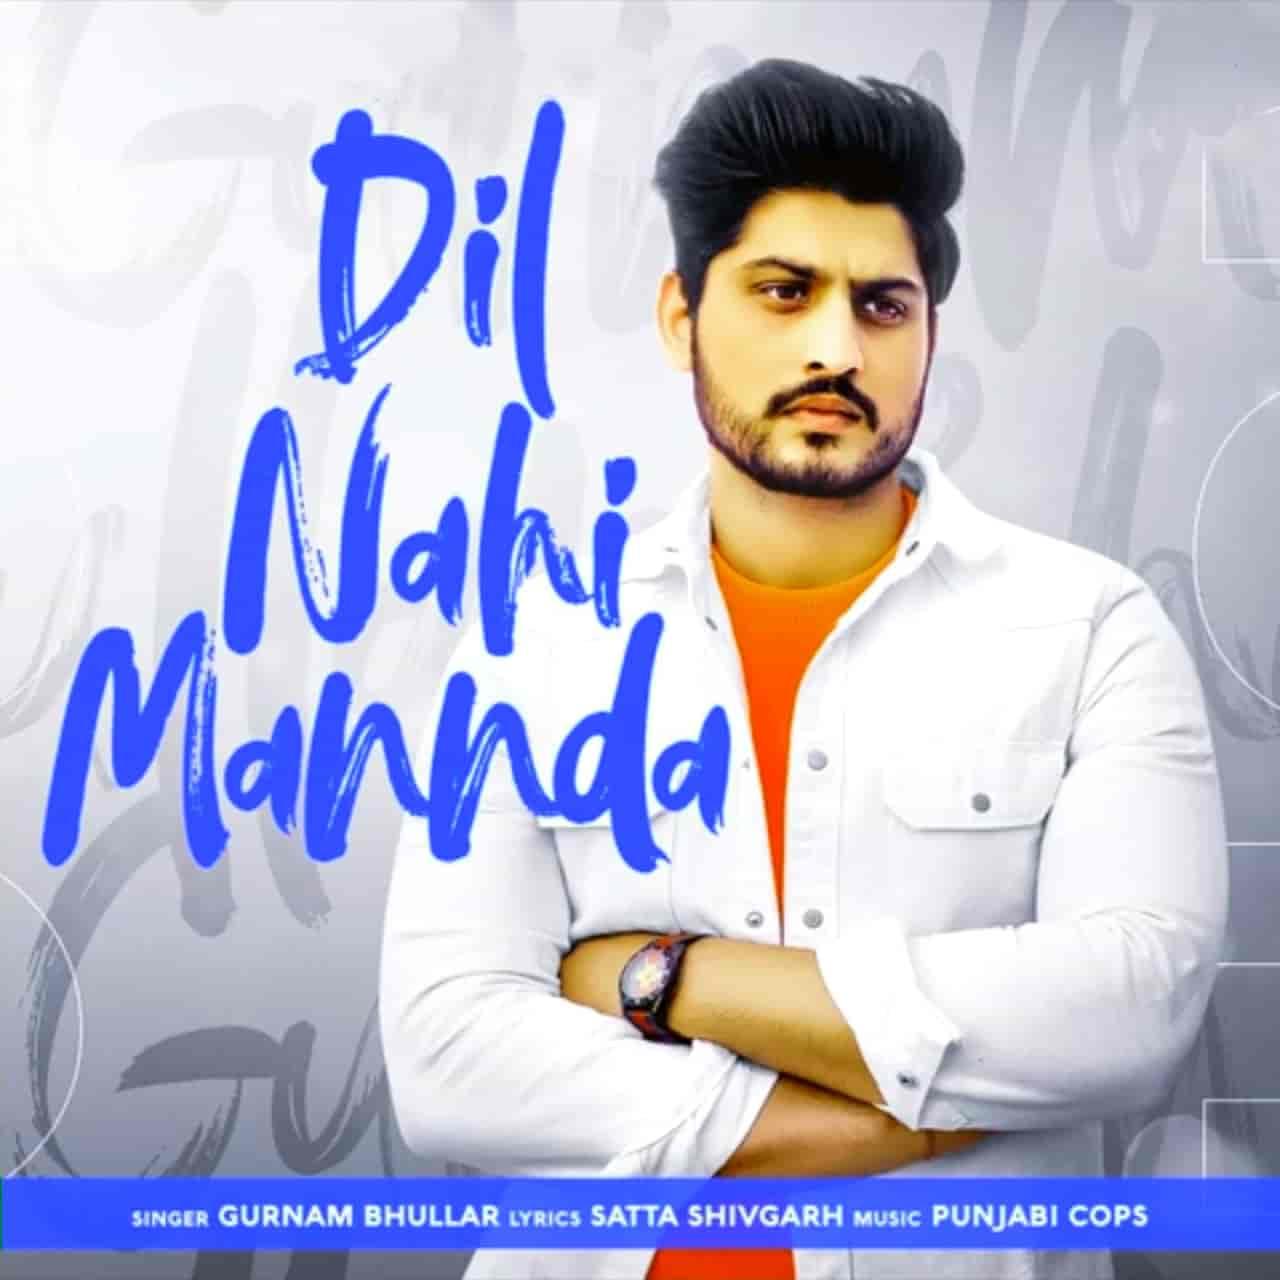 Dil Nahi Mannda Song Image By Gurnam Bhullar